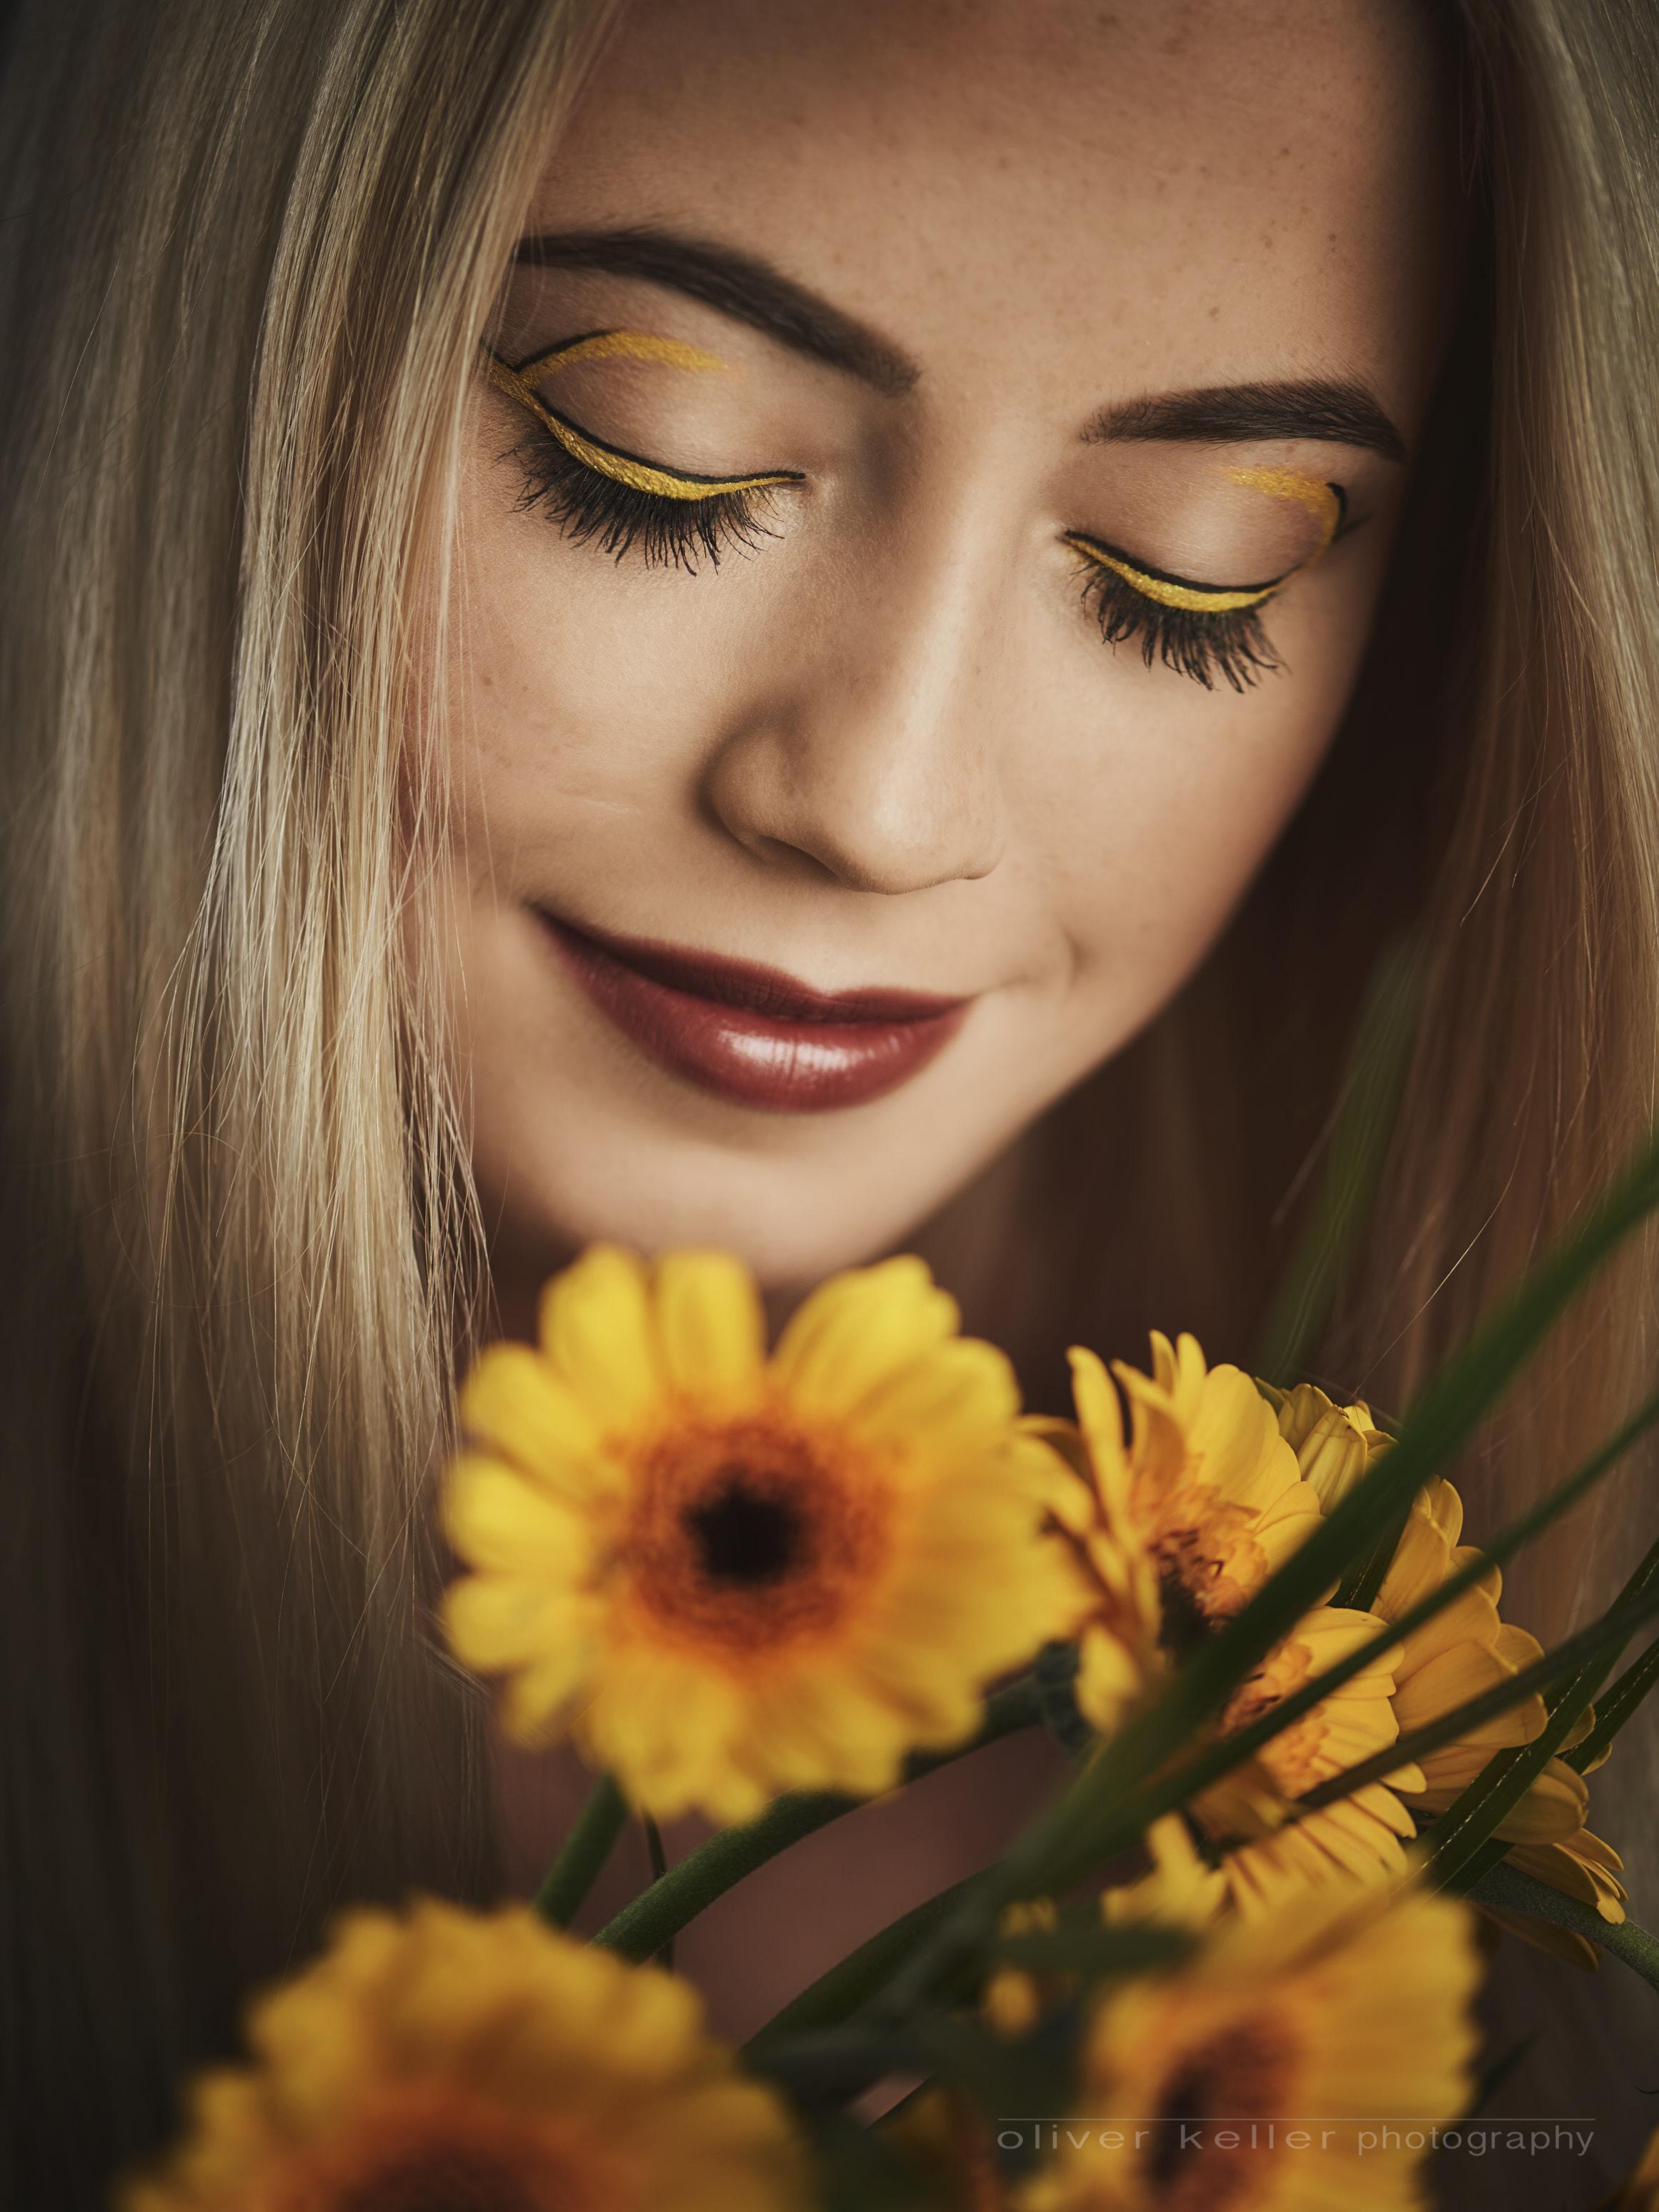 2018-09-20-sunflower-Merle21814.jpg